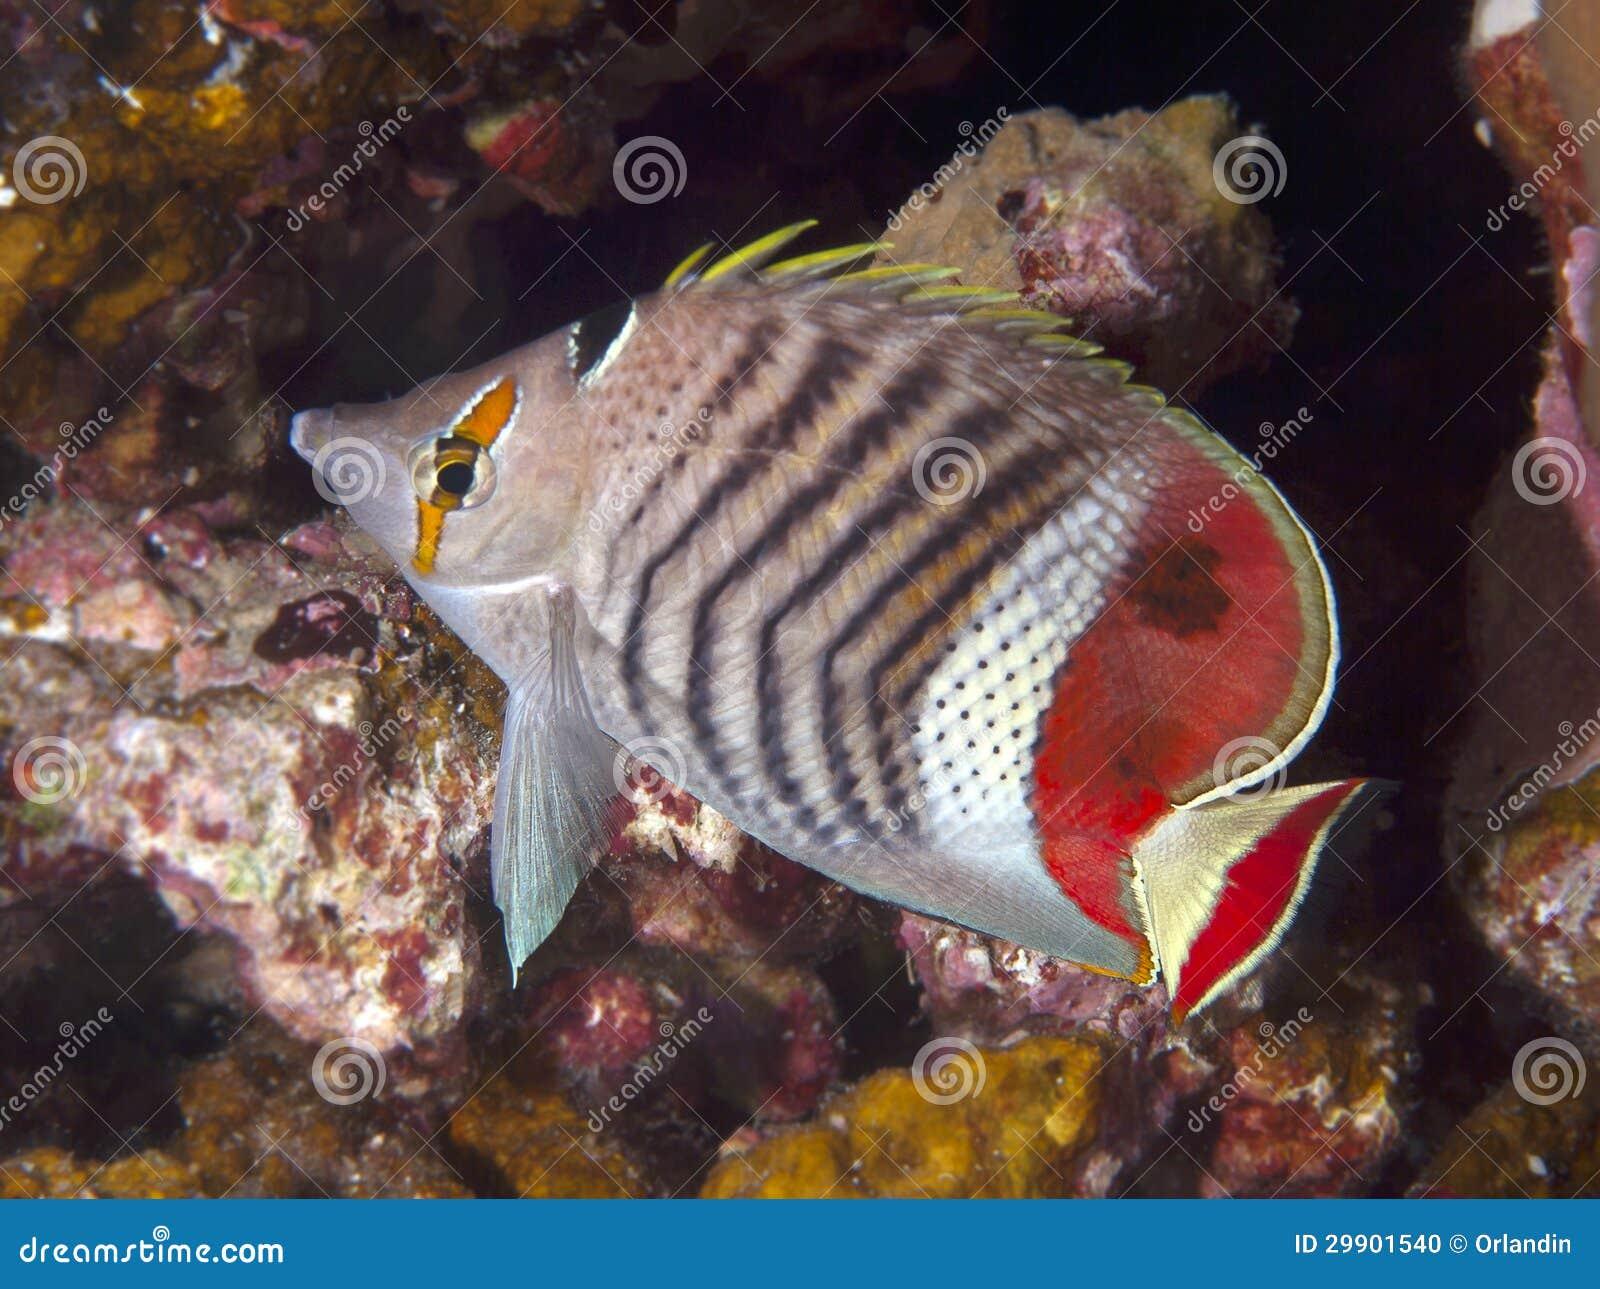 Kroon butterflyfish